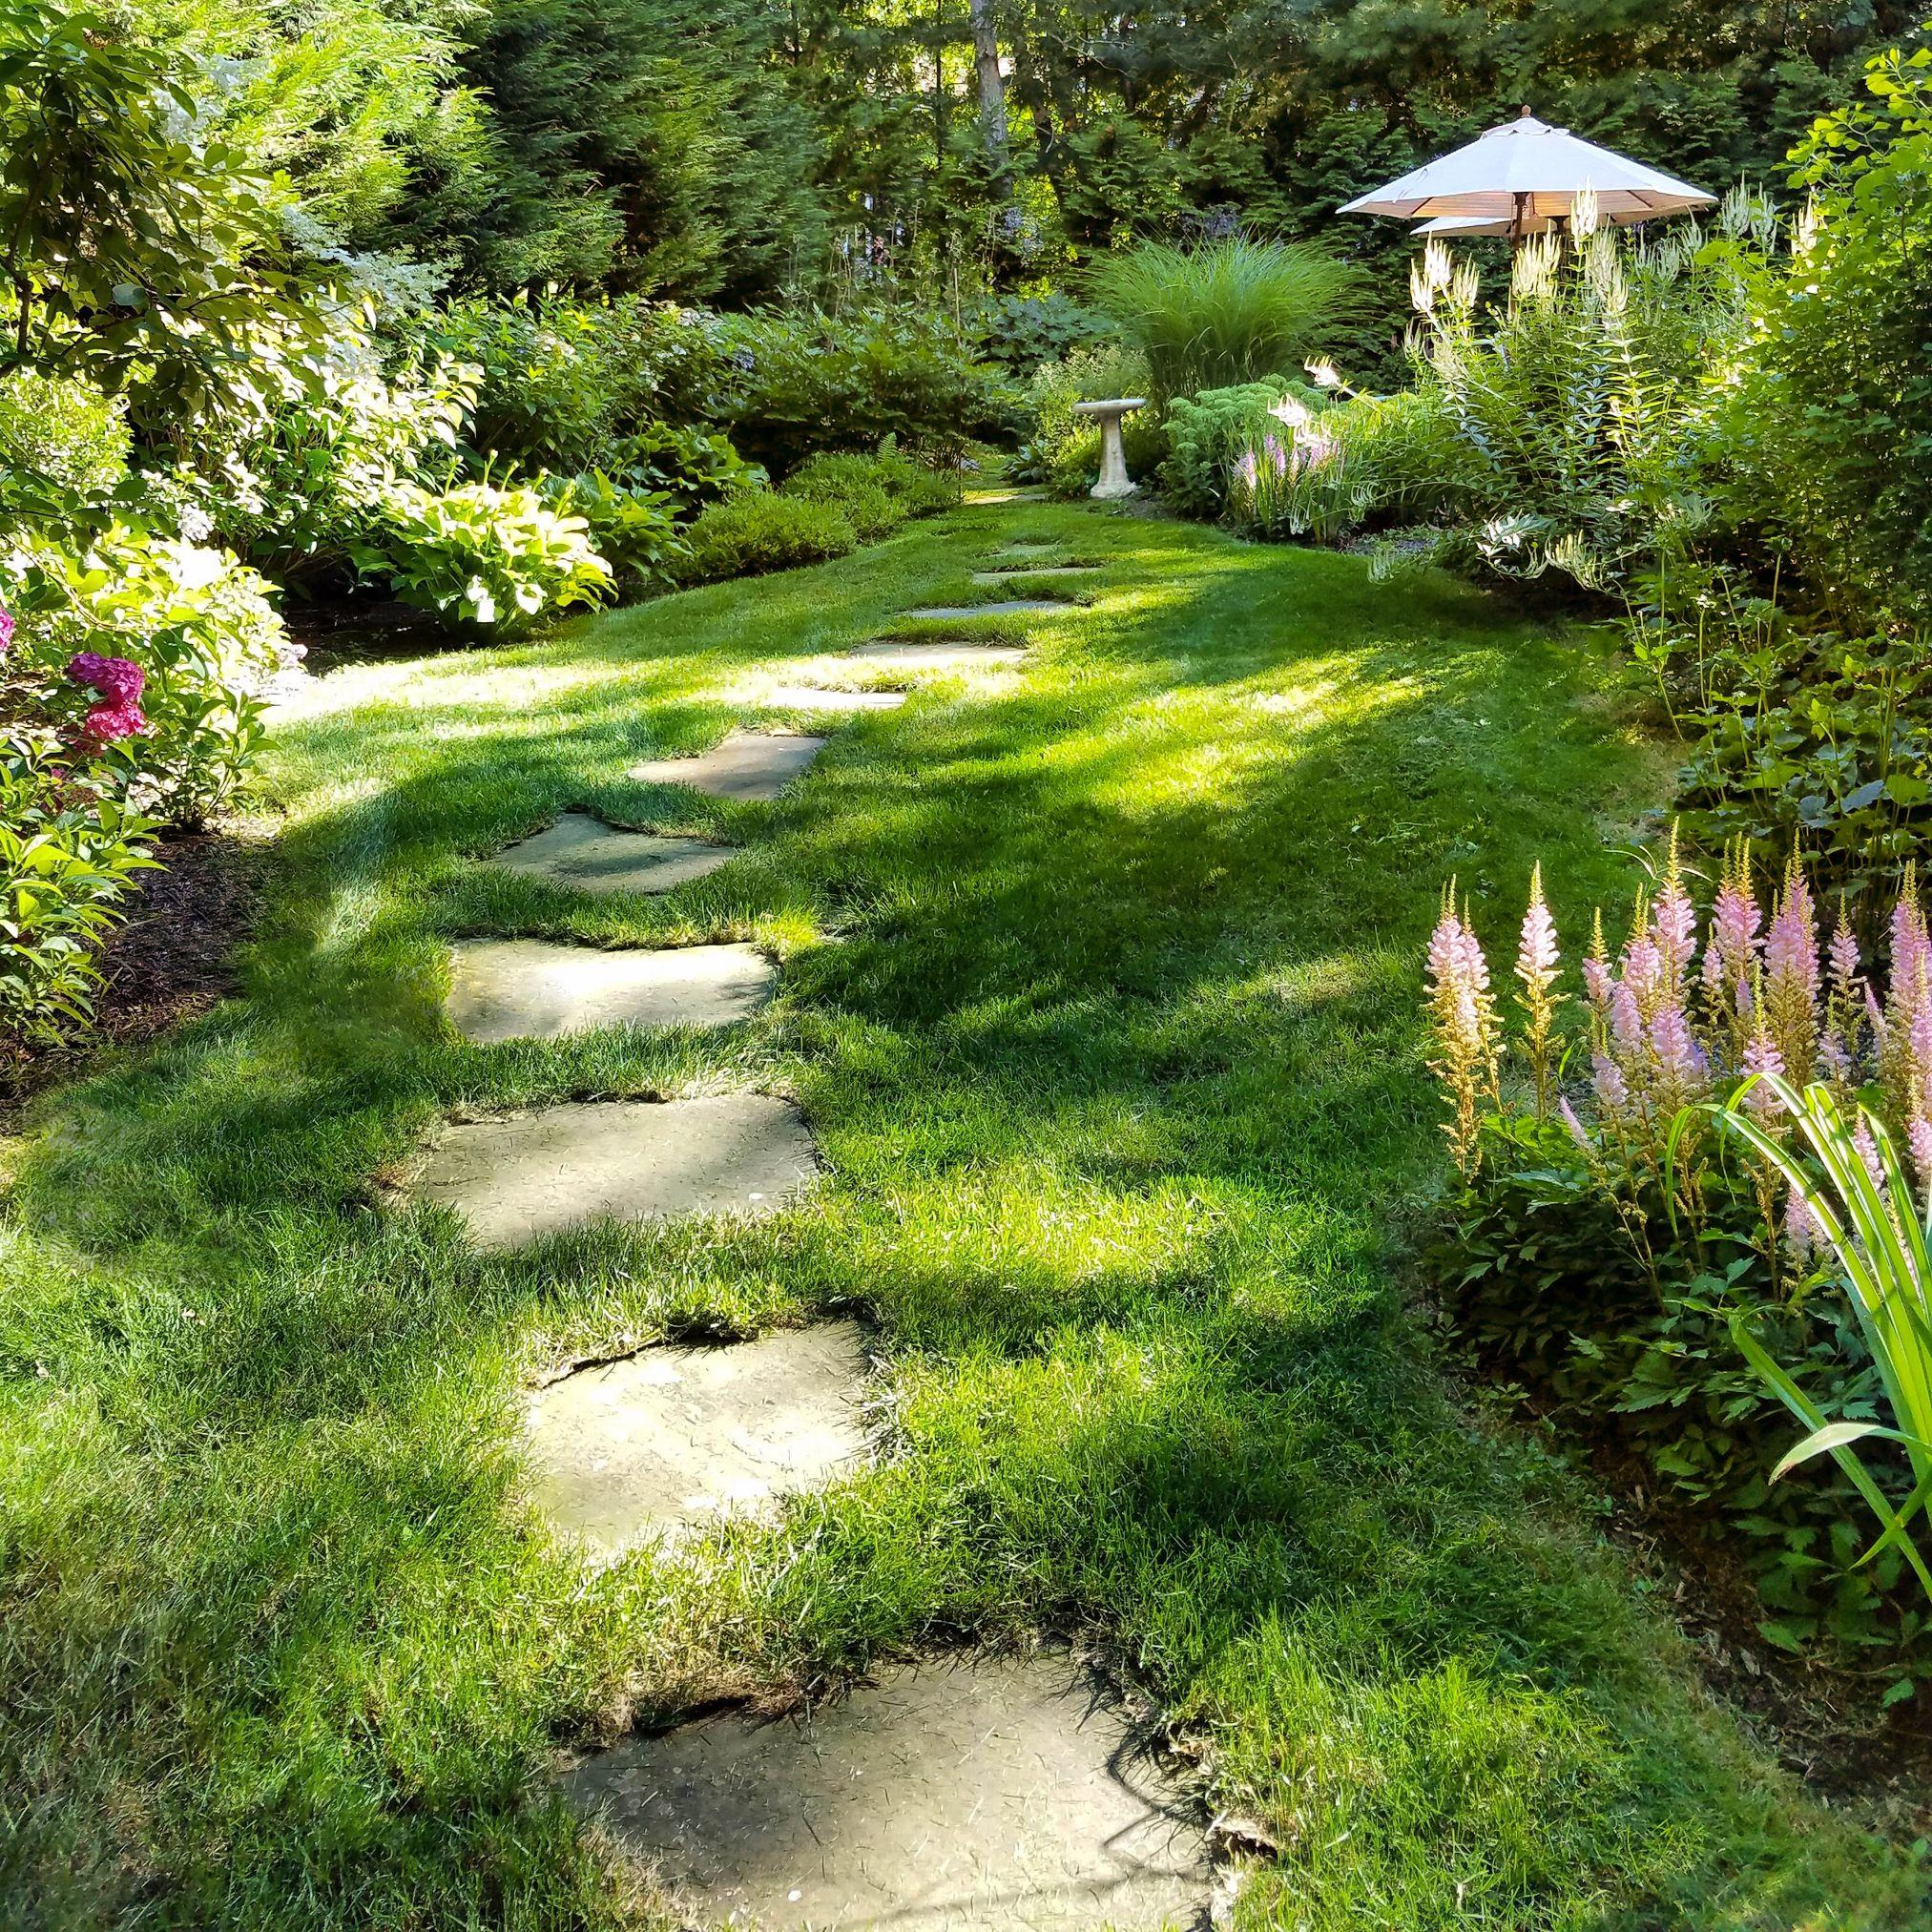 18 Creative Small Garden Ideas Indoor And Outdoor Garden Designs For Small Spaces